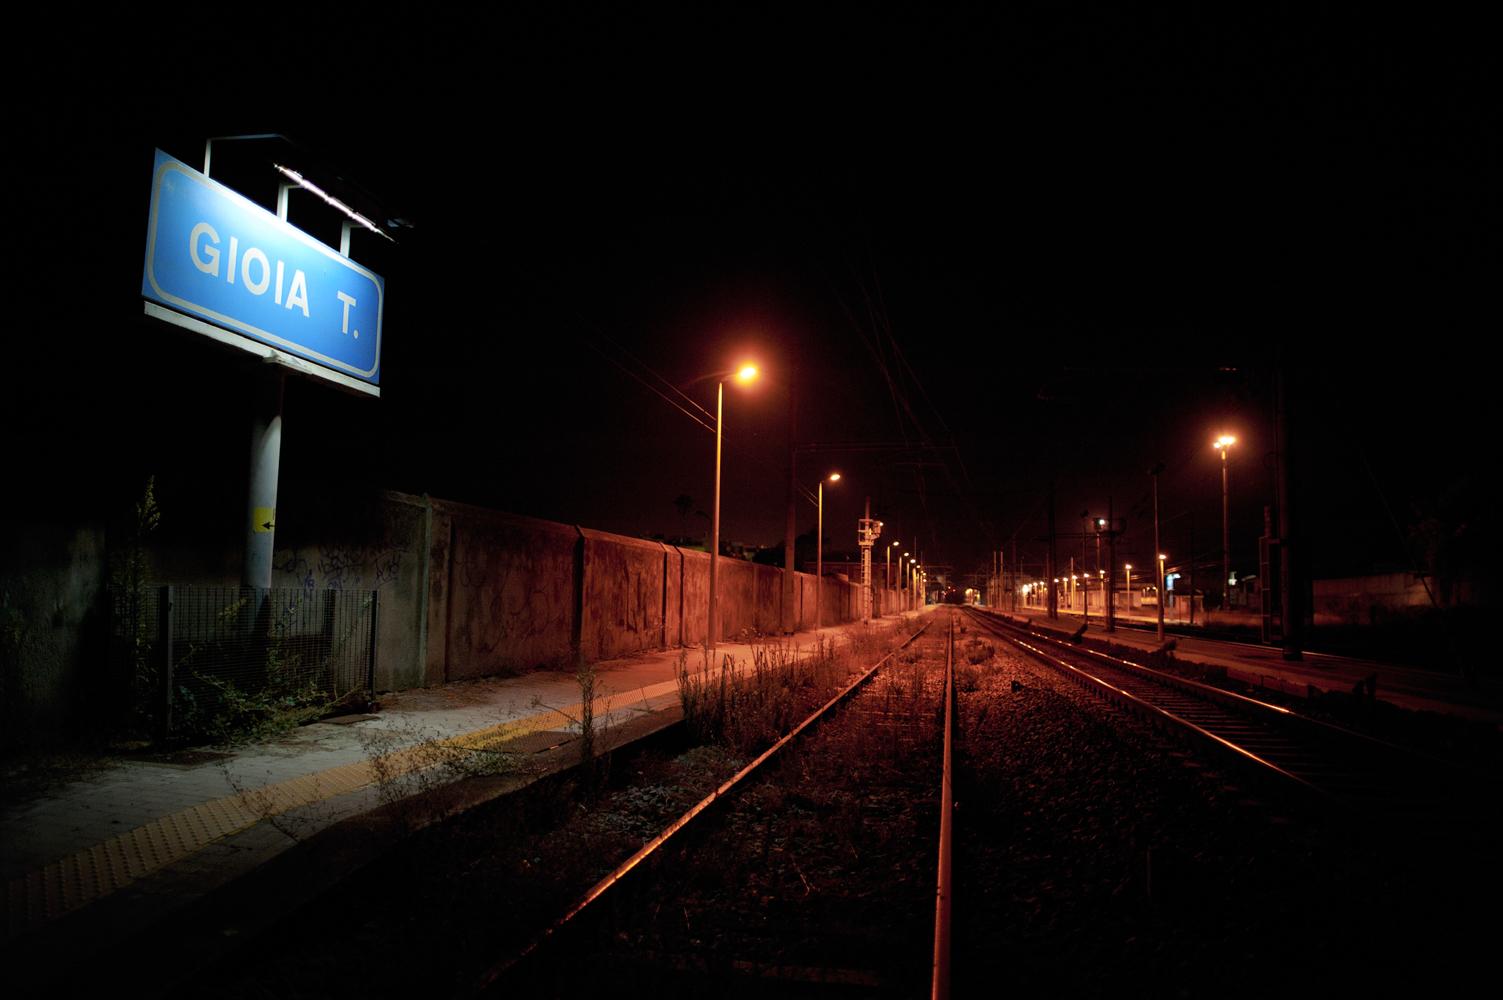 Stazione di Gioia Tauro 2011